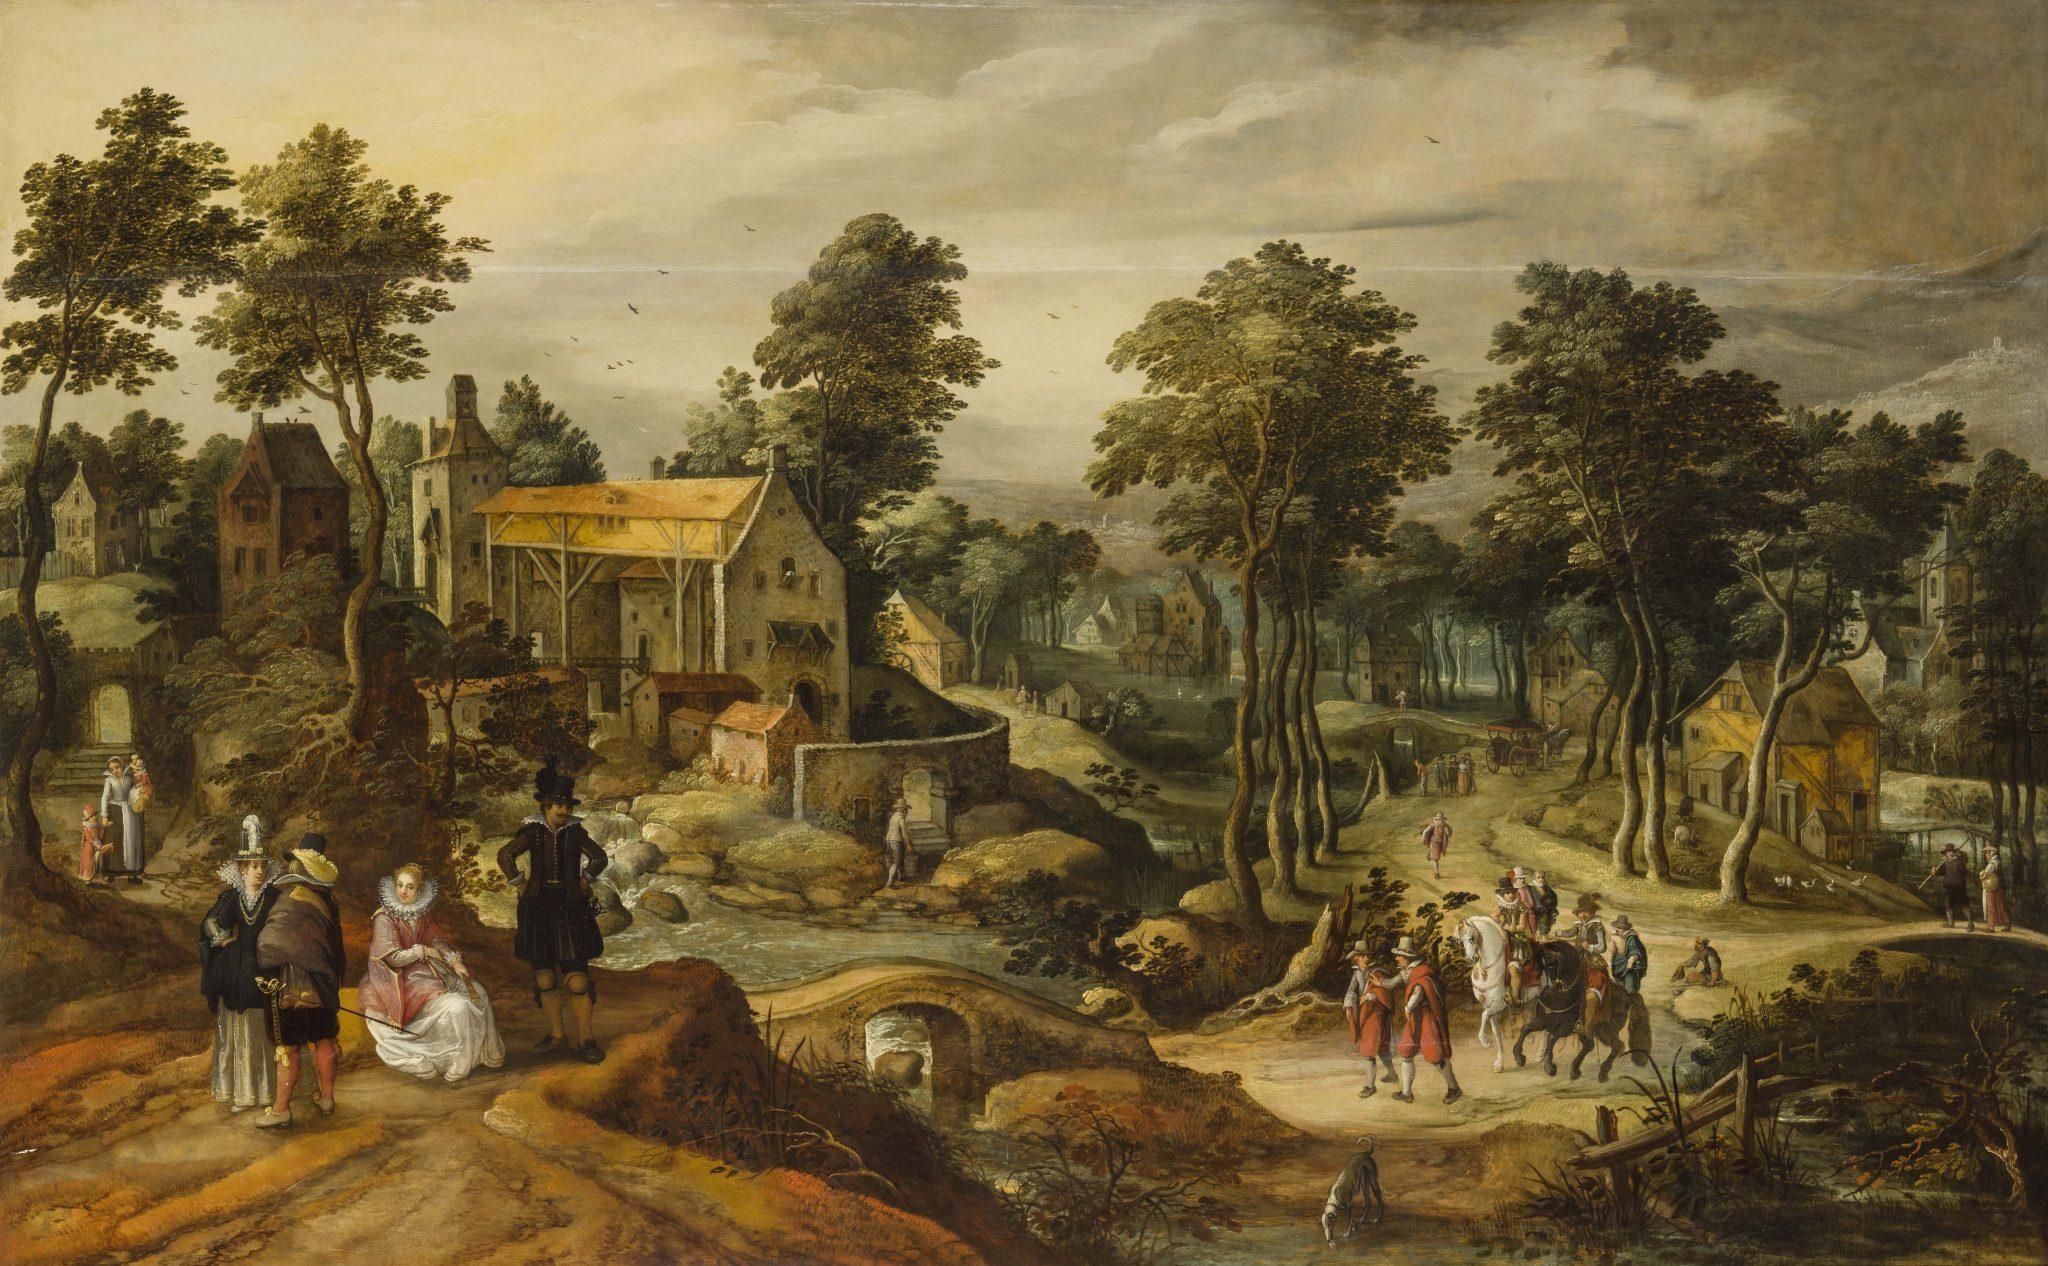 607 PITTORE ATTIVO AD ANVERSA NEL XVII SECOLO Villaggio rurale con figure, cavallo, alberi e ruscello Olio su tavola, cm 113X180 Stima € 20.000 - 30.000